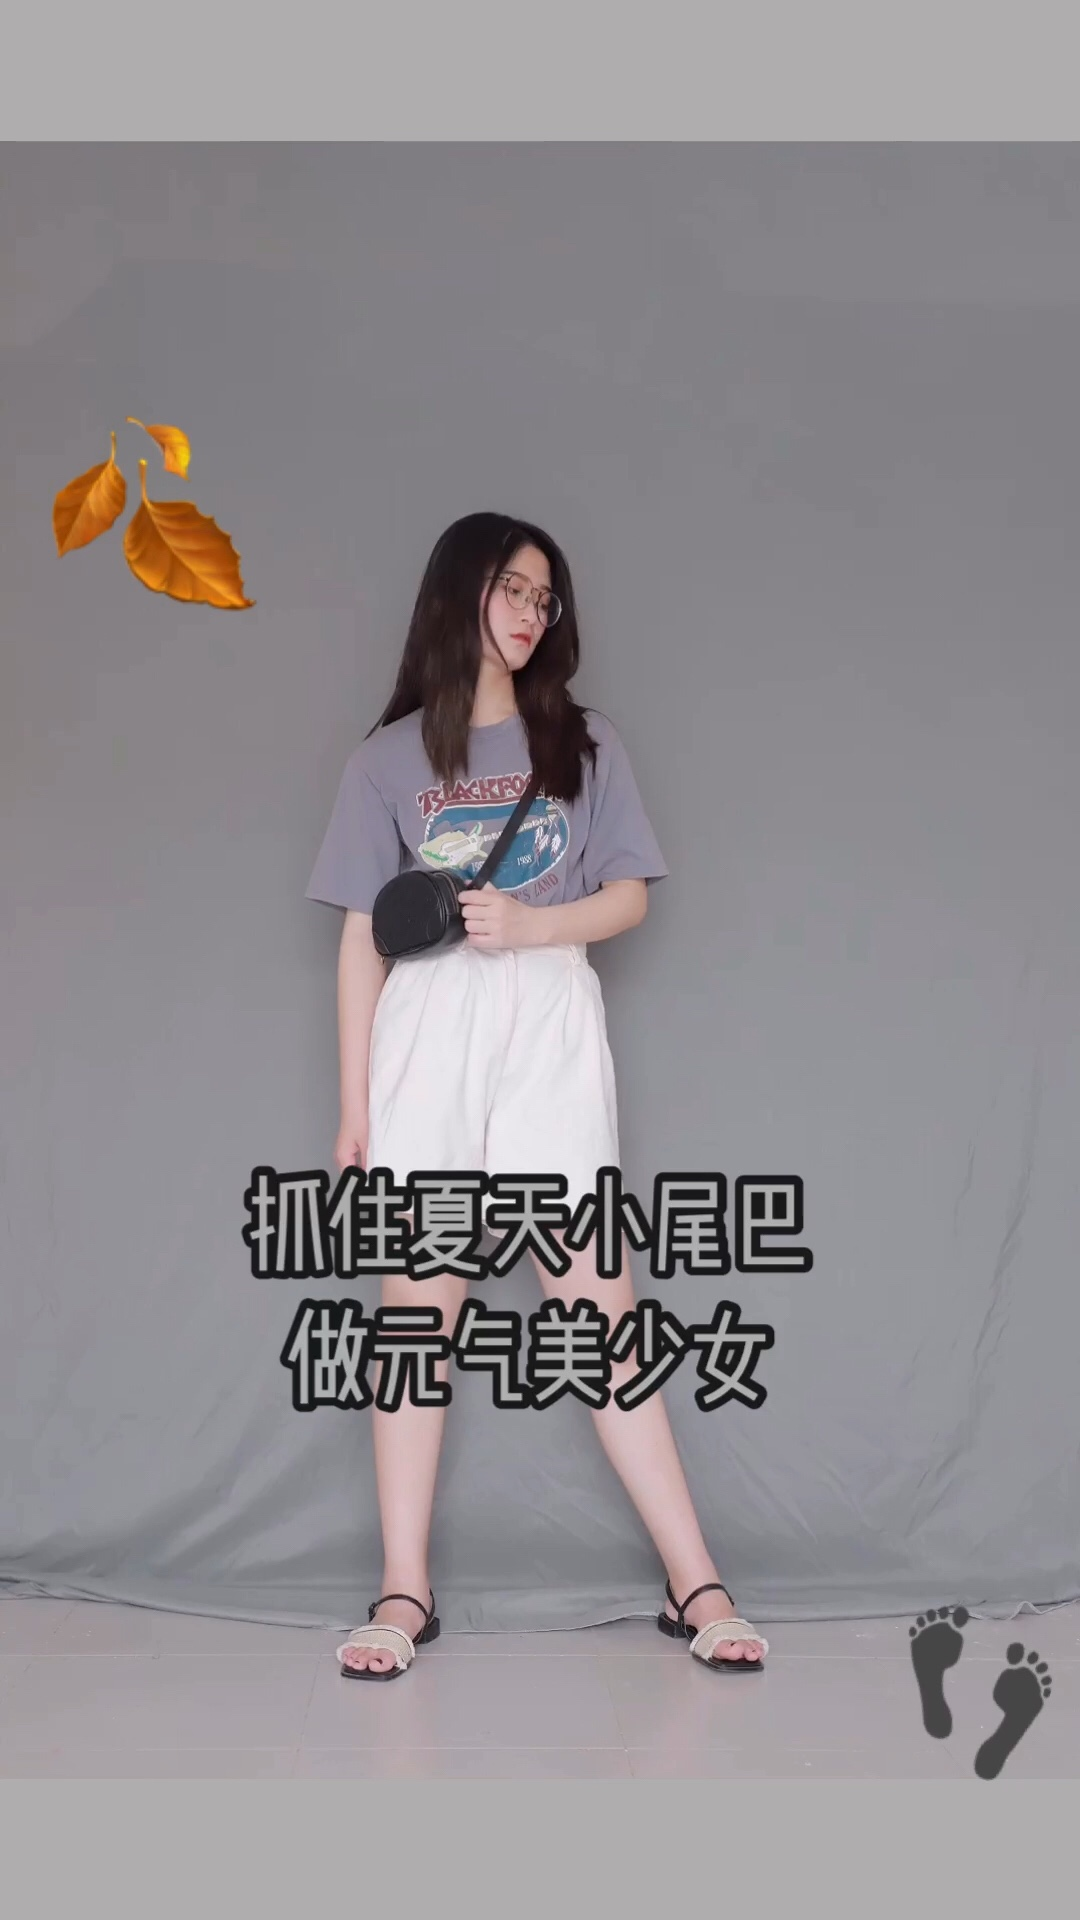 #鬼马少女元气穿衣经#  白色中裤 显瘦又凉快